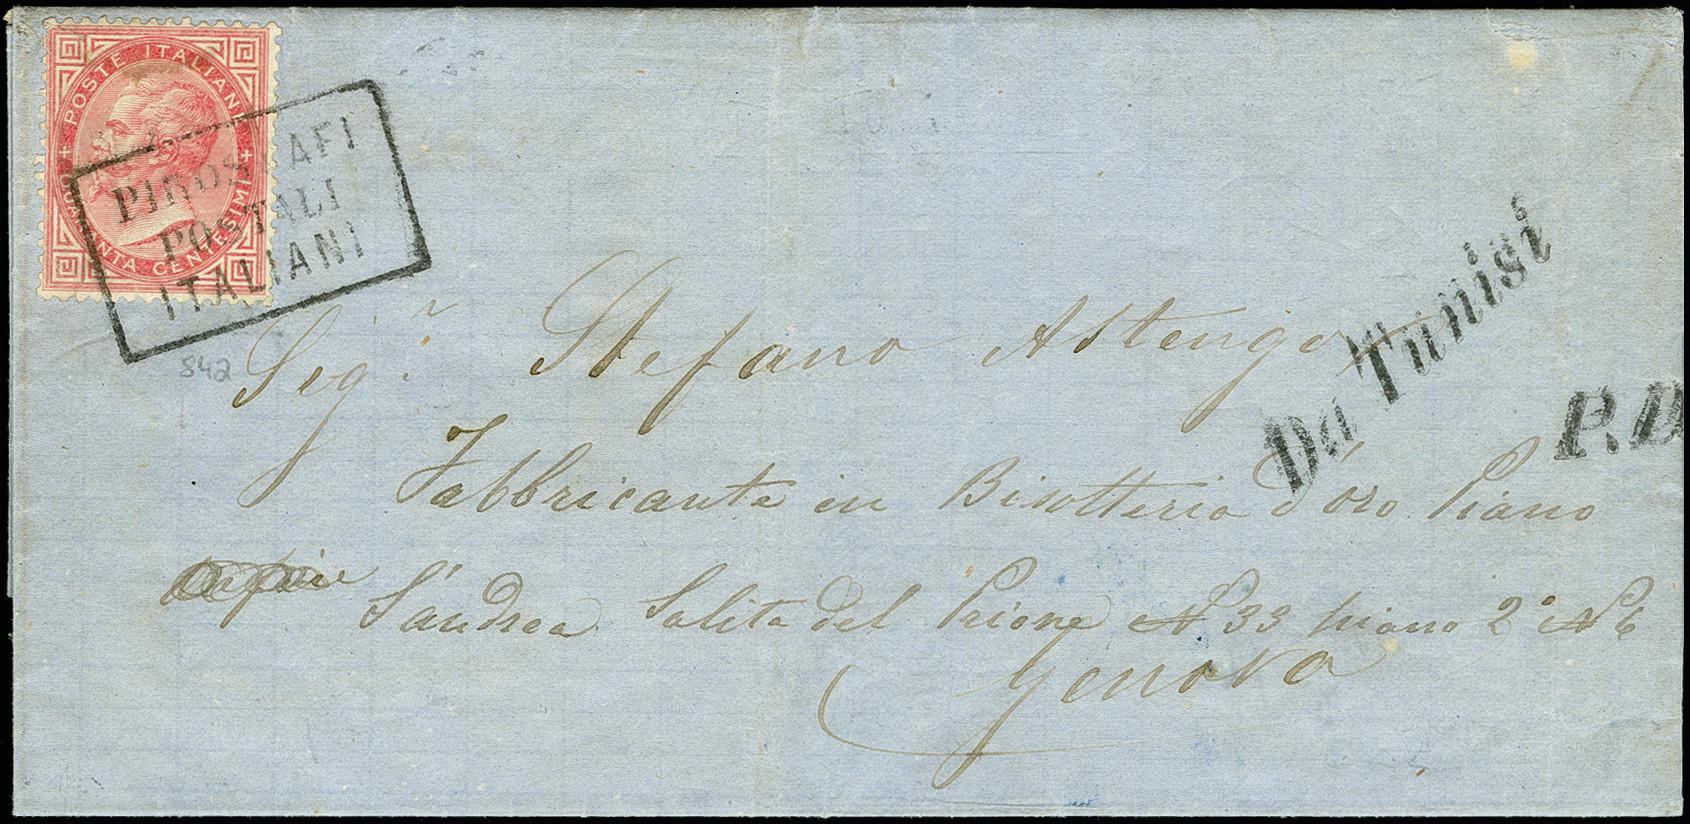 Lot 1720 - europa italian post offices abroad -  Heinrich Koehler Auktionen 375rd Heinrich Köhler auction - Day 1